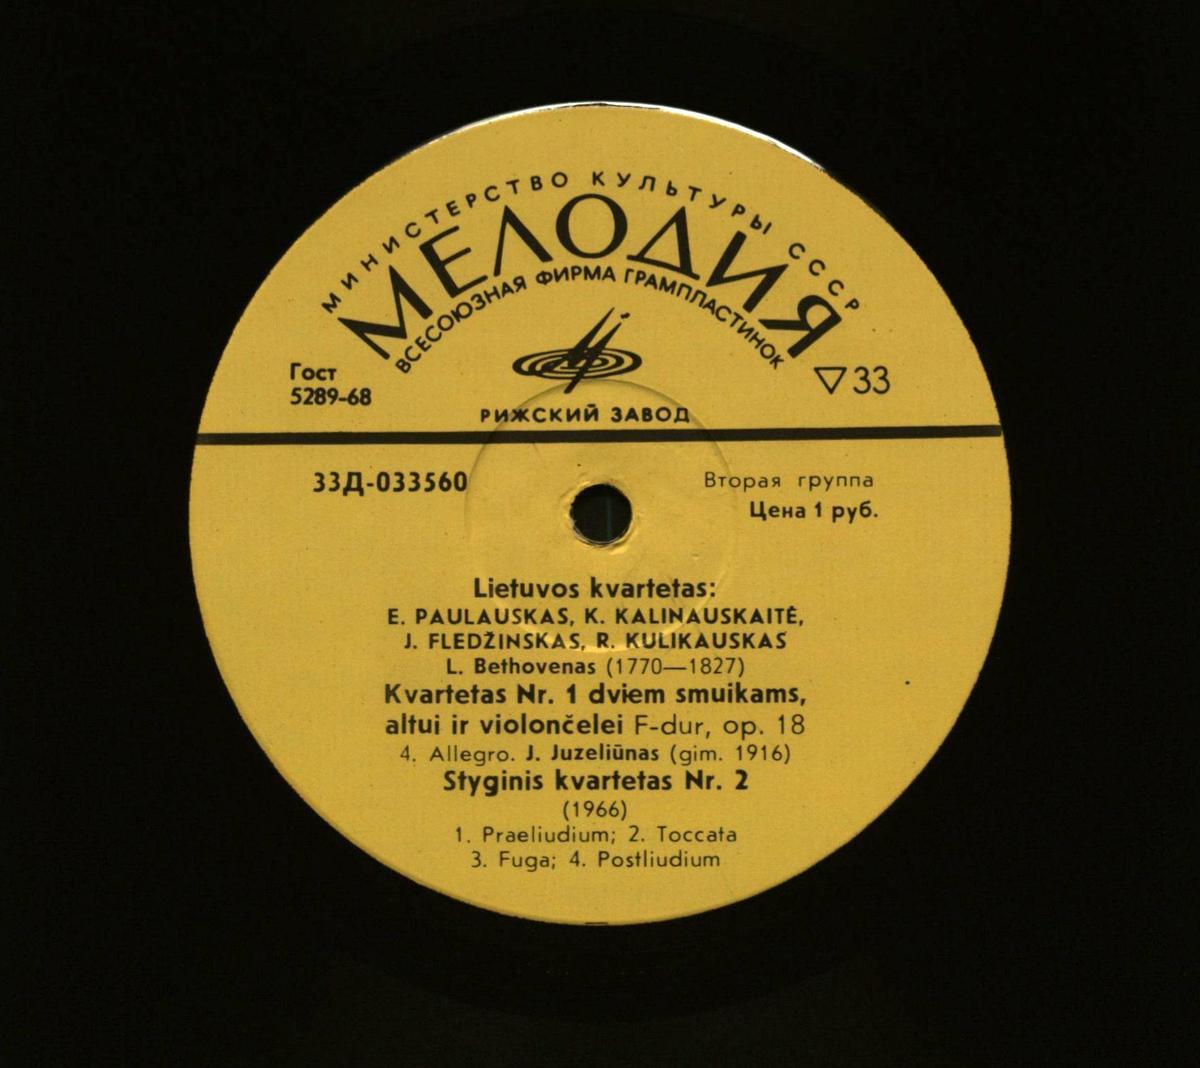 Kvartetas Nr. 1 dviem smuikams, altui ir violončelei F-dur, op. 18